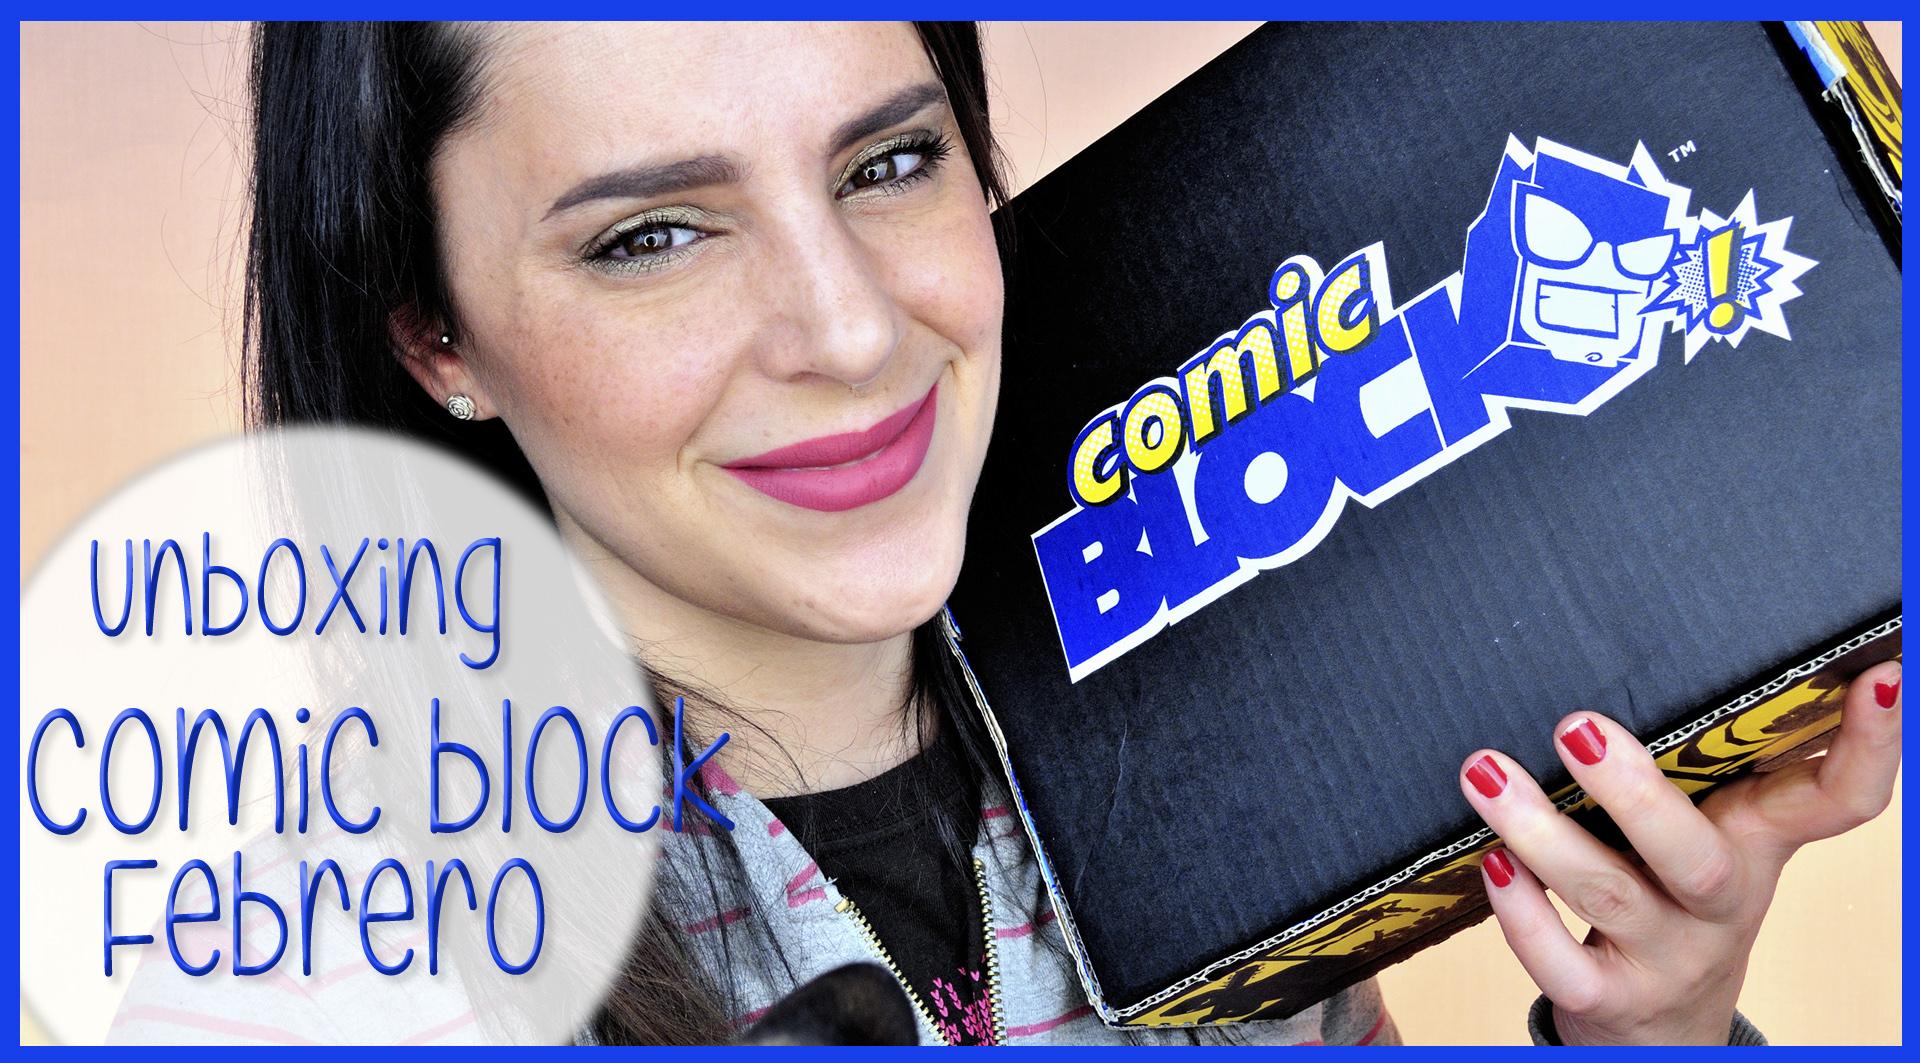 Unboxing Comic Block Febrero